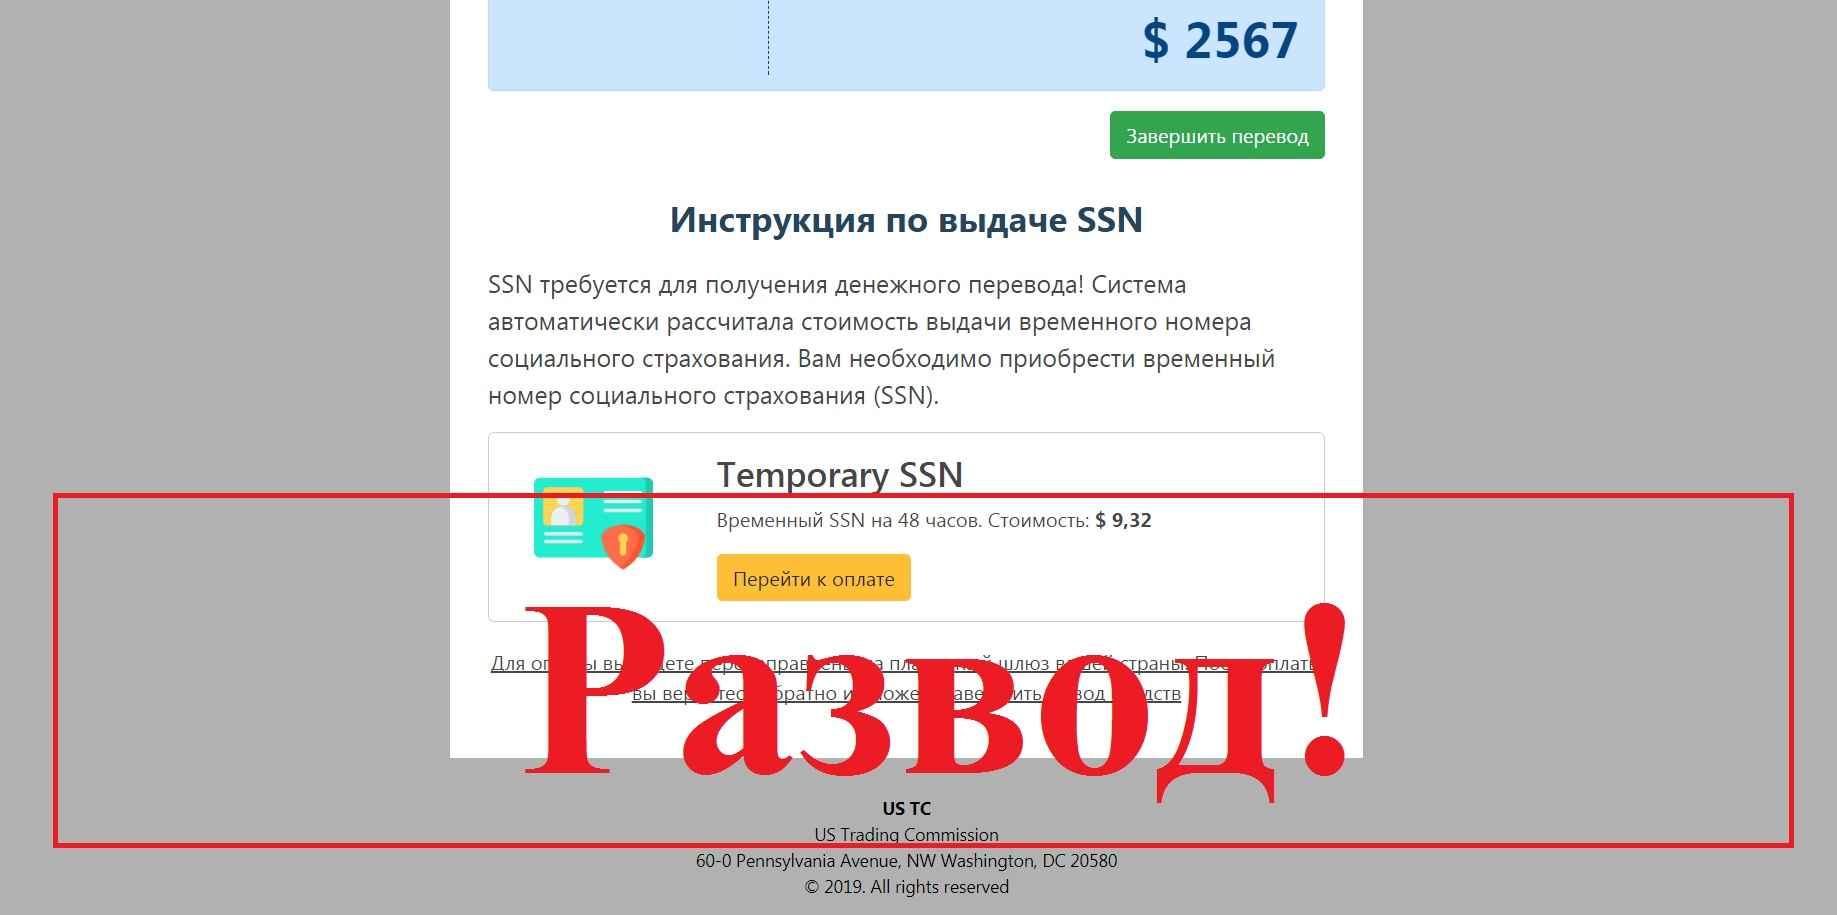 Личный блог Евгения Миронова – отзывы. Фонд защиты персональных данных